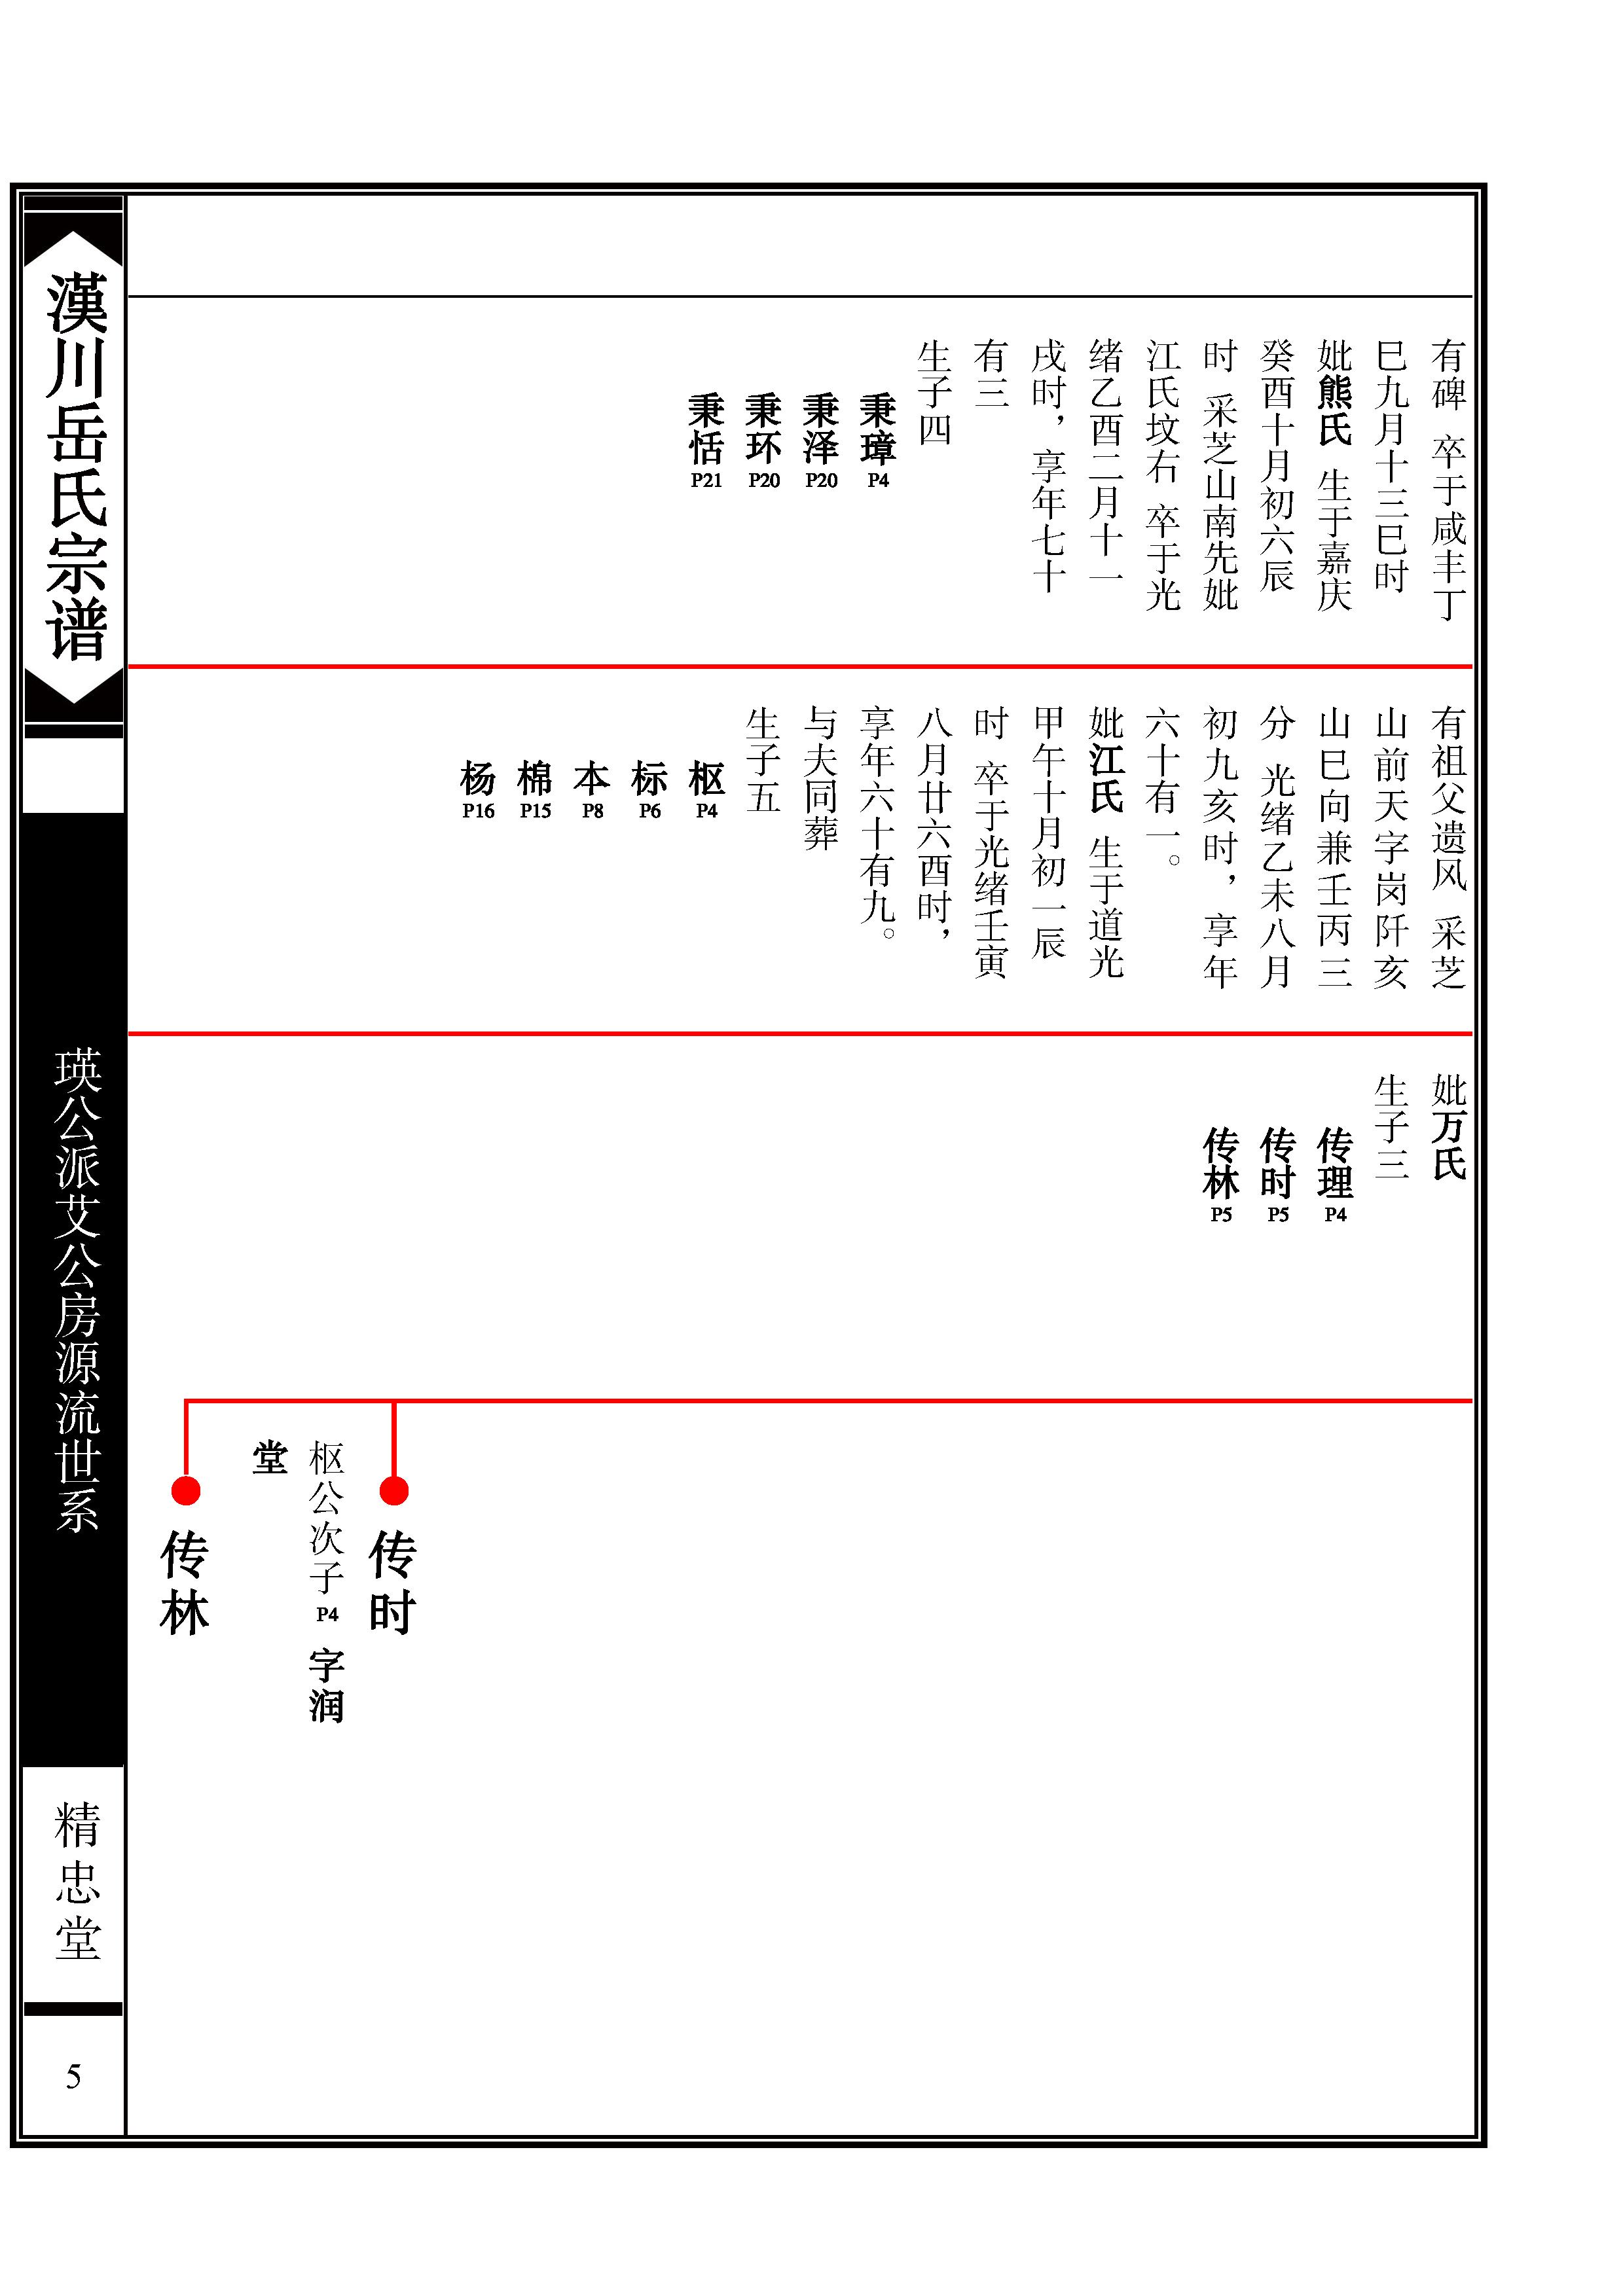 页面提取自-14古典吊线欧式_页面_3